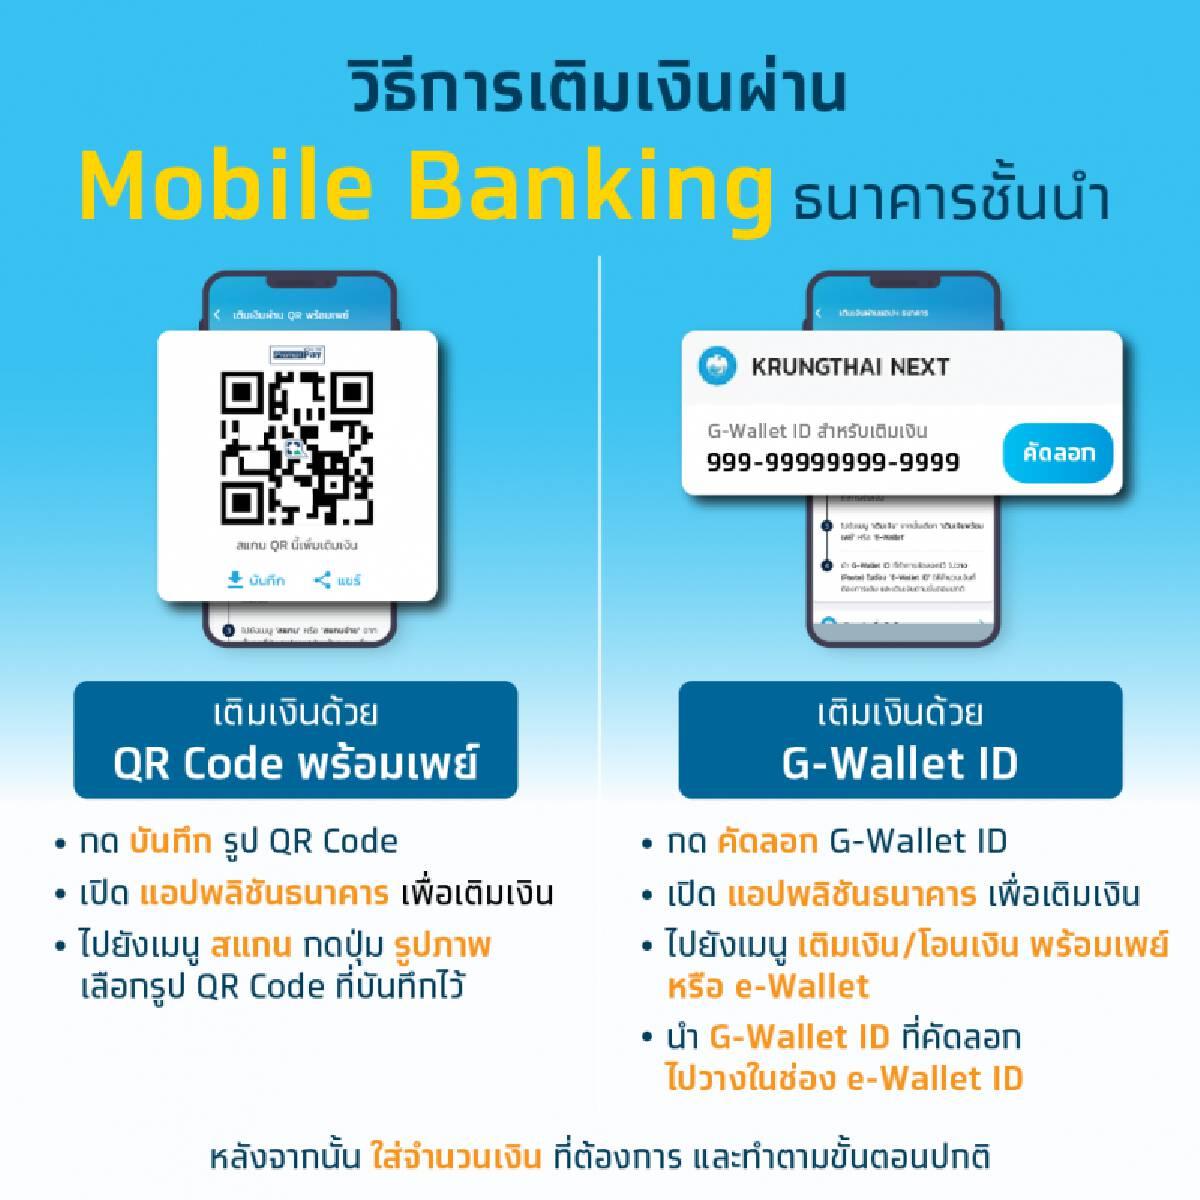 """คนละครึ่ง กรุงไทยแนะเคล็ดลับ เปิด 3 ช่องทางเติมเงินง่ายๆเข้า """"G-"""